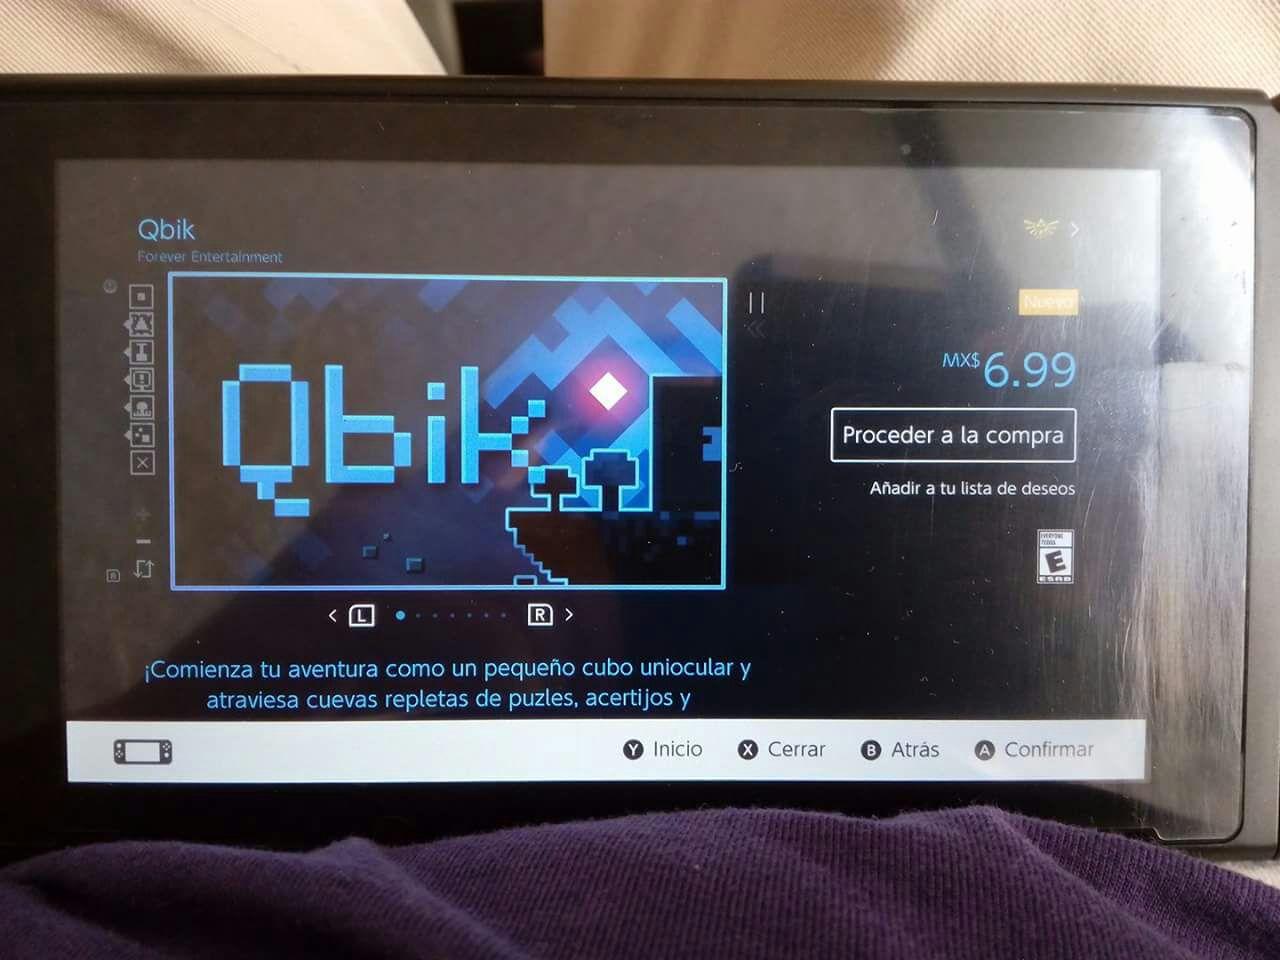 Nintendo eShop: Qbik